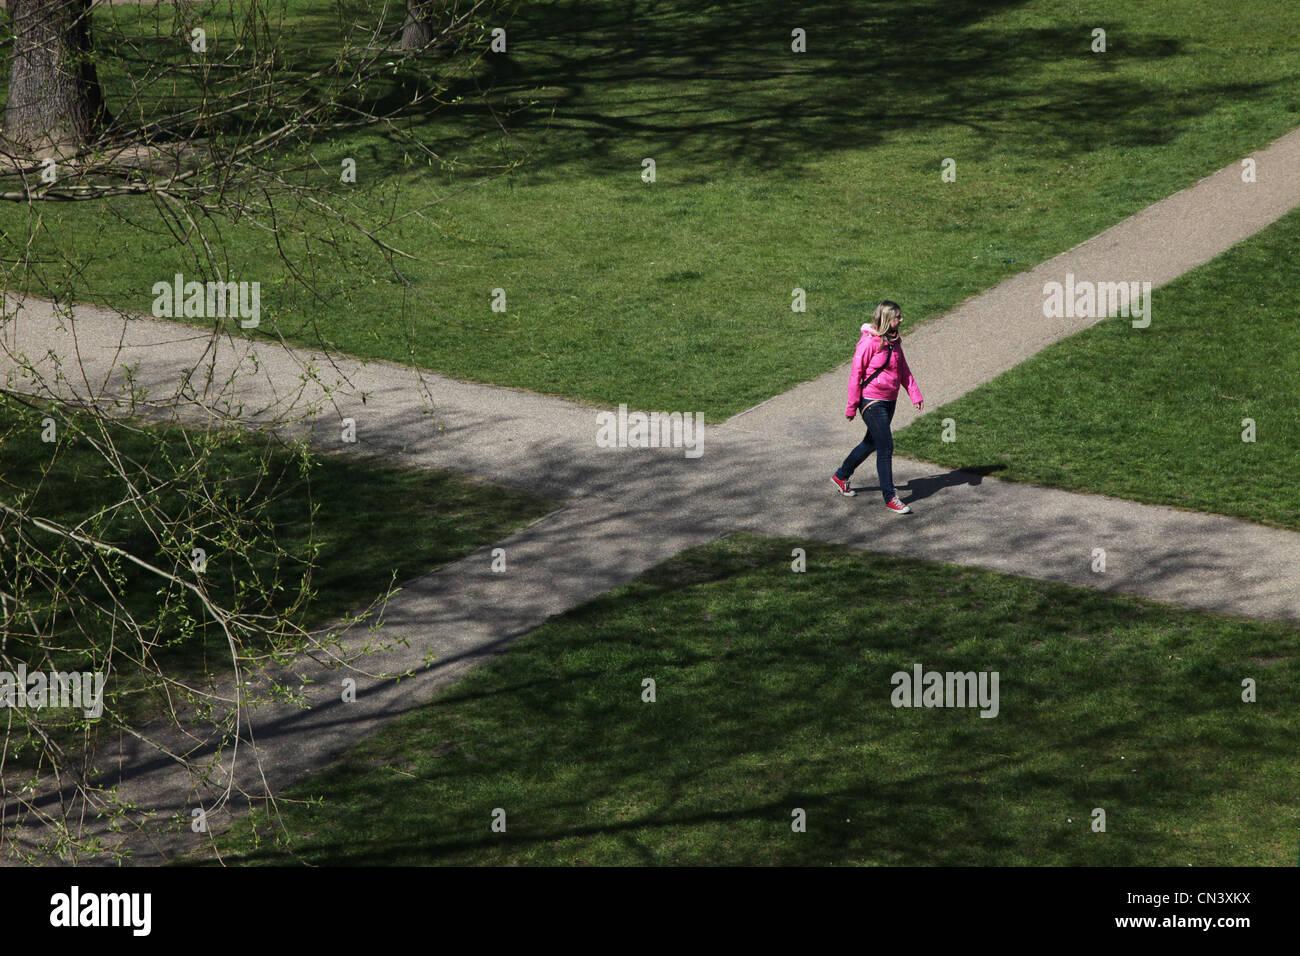 Une femme à une croisée de chemin, faire un choix sur la voie à suivre. Photo Stock